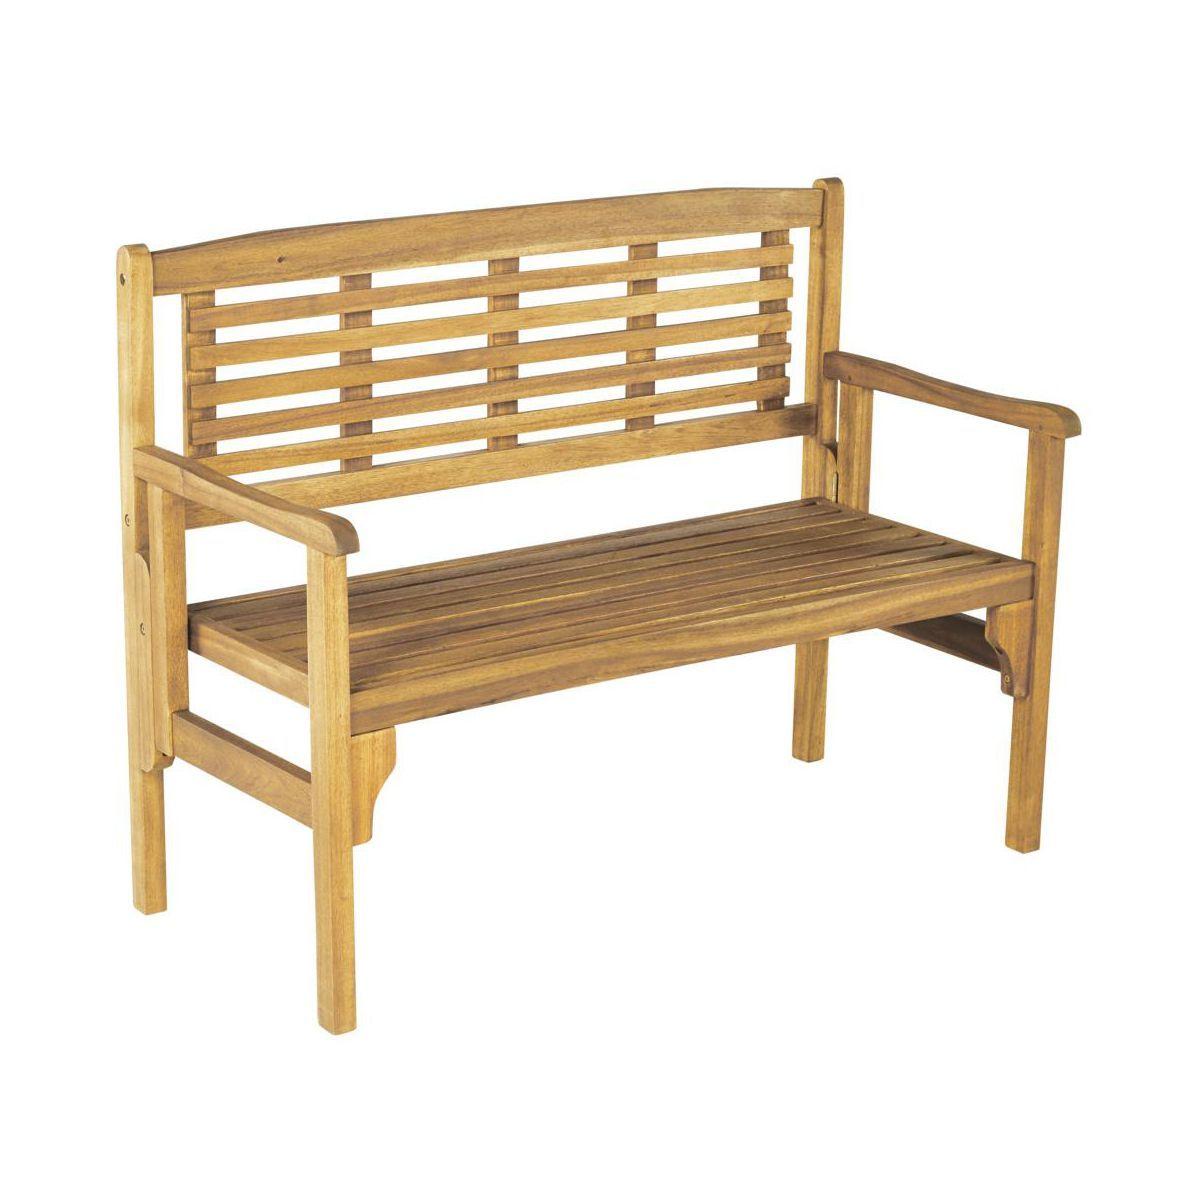 Lawka Ogrodowa Drewniana Porto Naterial Skladana Krzesla Fotele Lawki Ogrodowe W Atrakcyjnej Cenie W Sklepach L Outdoor Furniture Furniture Outdoor Decor